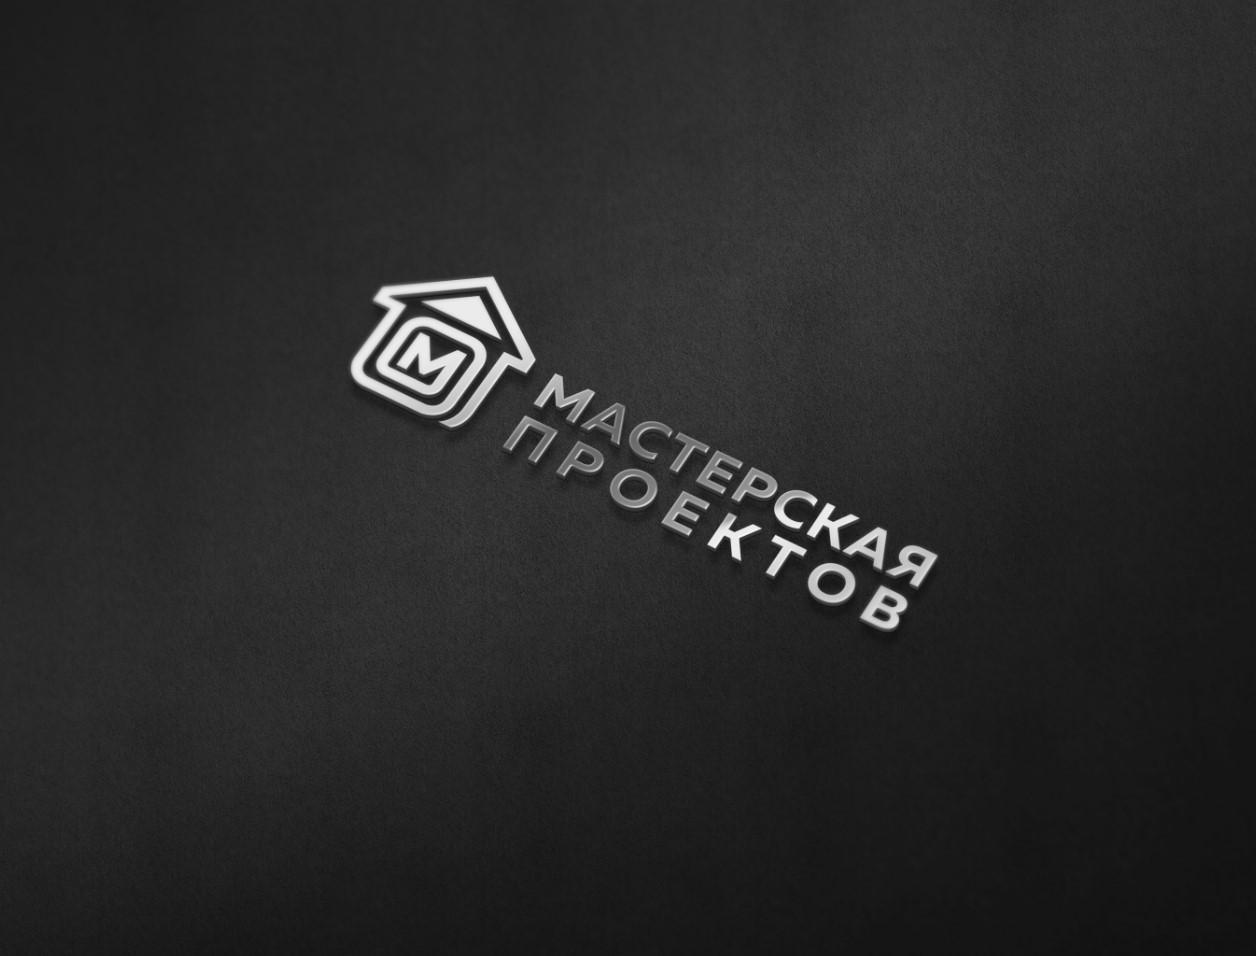 Разработка логотипа строительно-мебельного проекта (см. опис фото f_890606c5d95c6b29.jpg